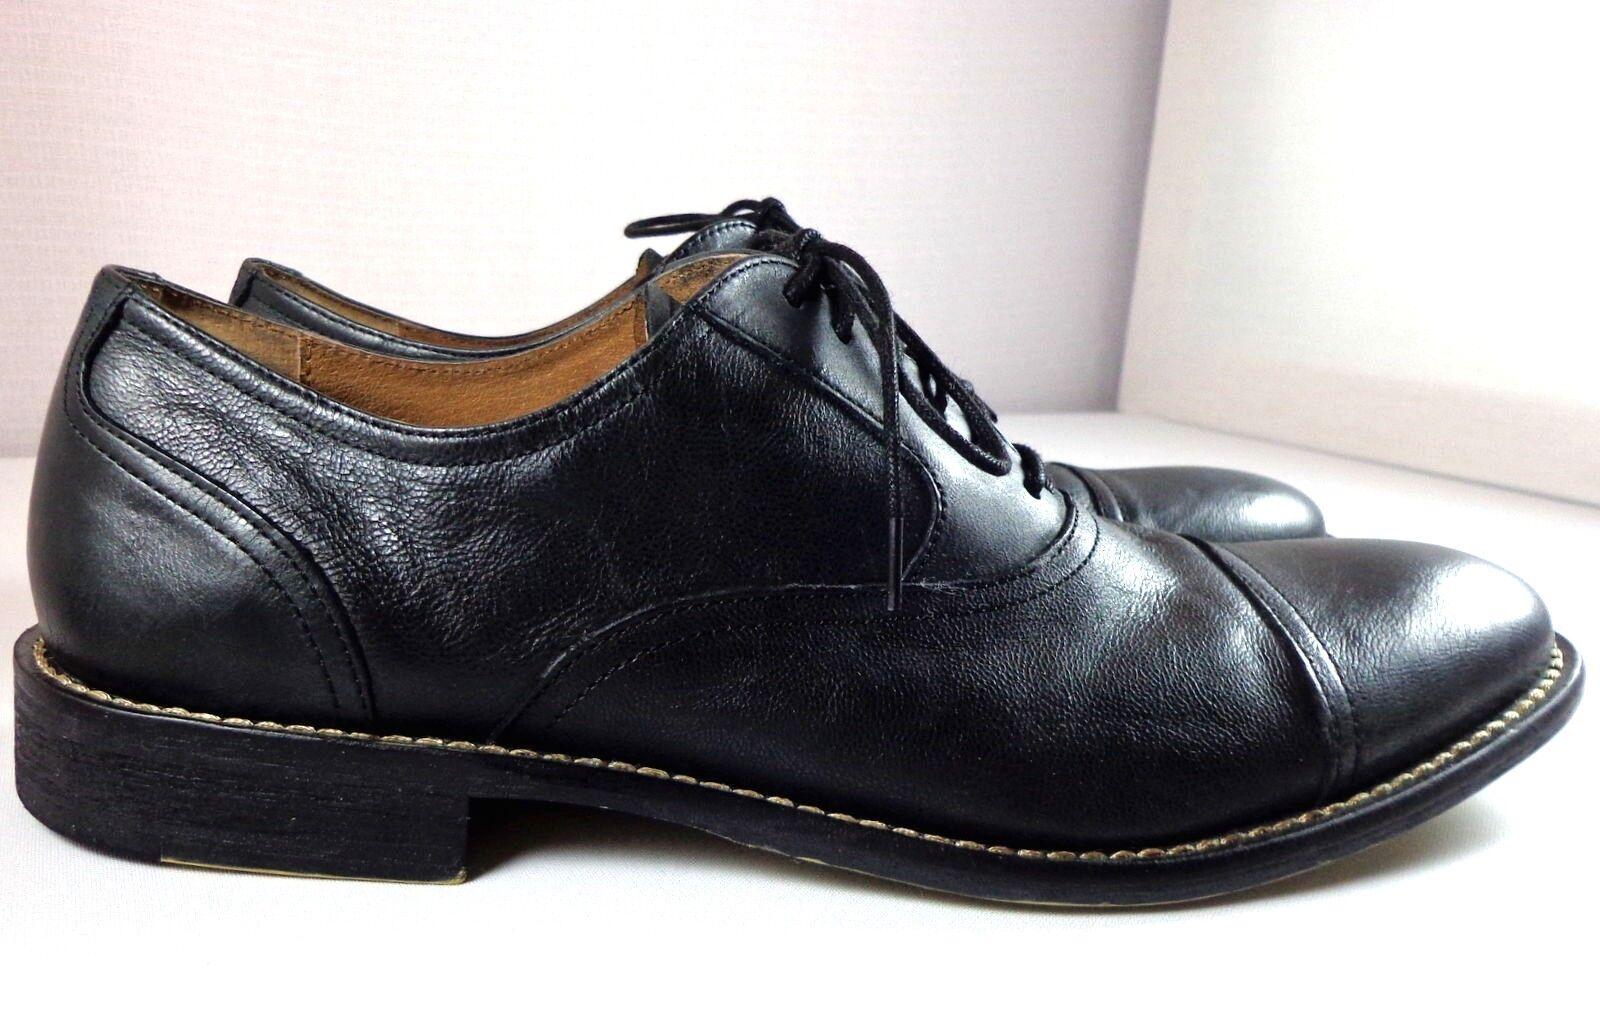 Joseph Abboud Mens Black Leather Dress Oxfords Size 8.5 Cap Toe Shoes